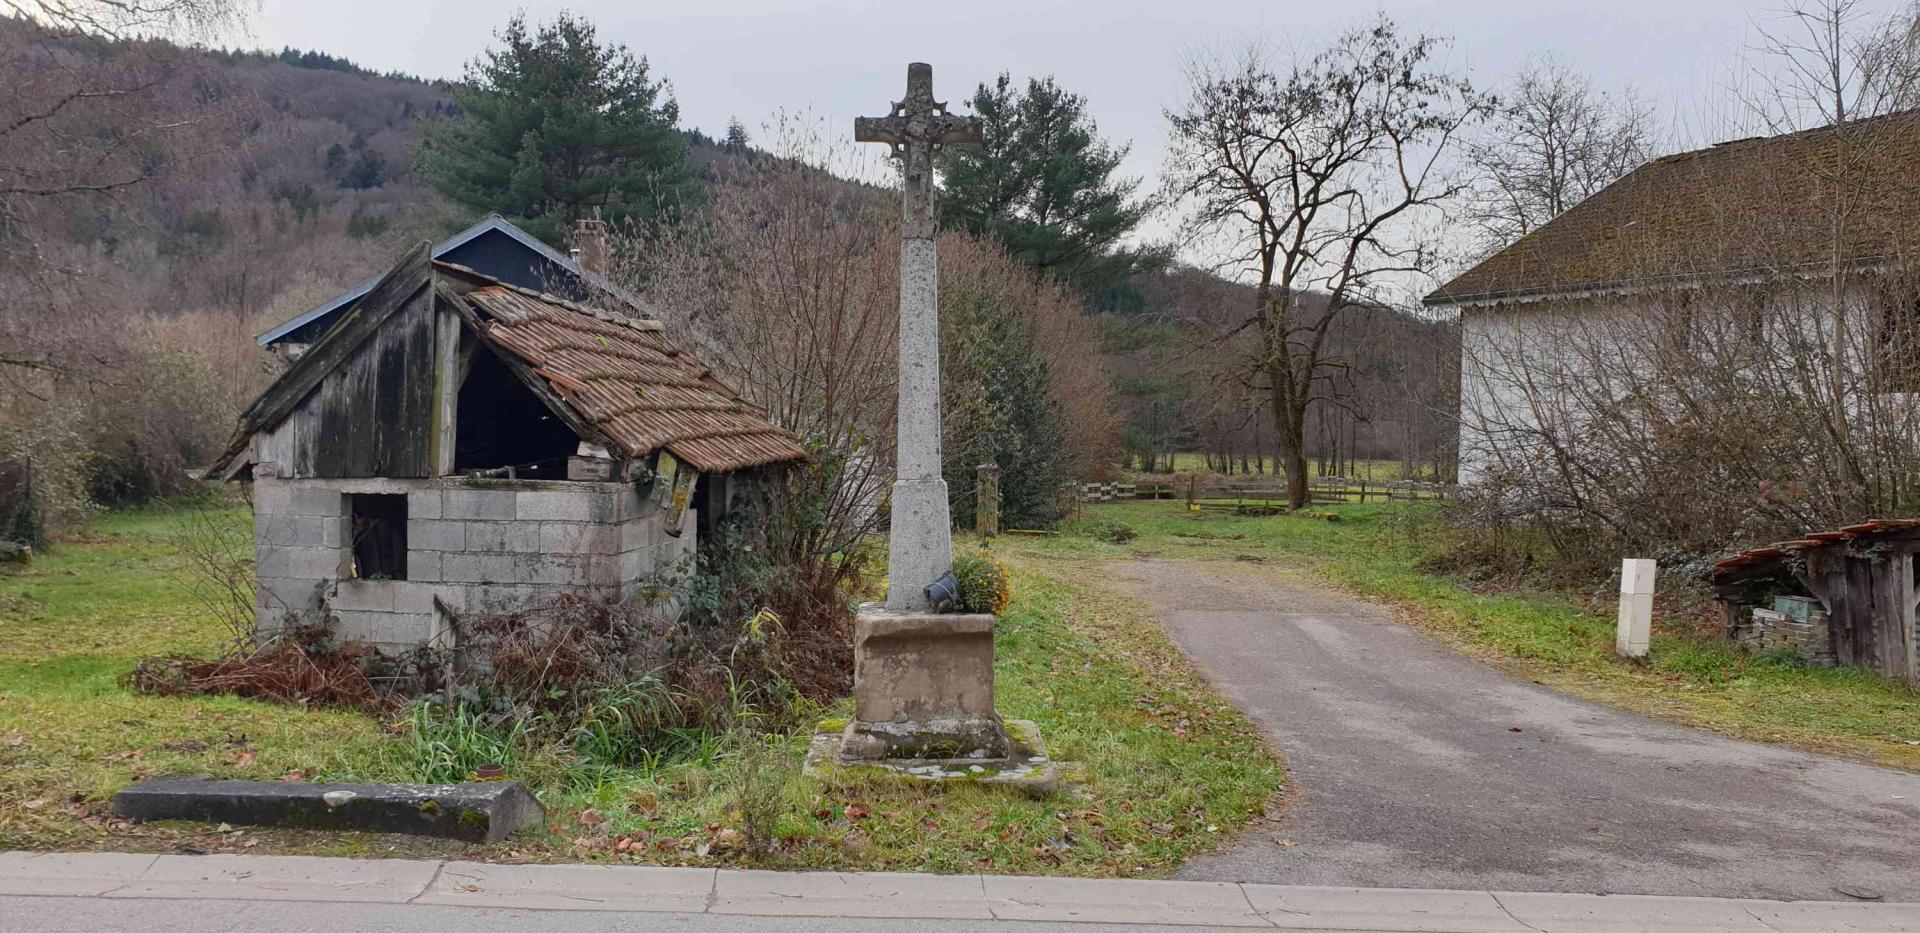 Croix 4 rue de laveline